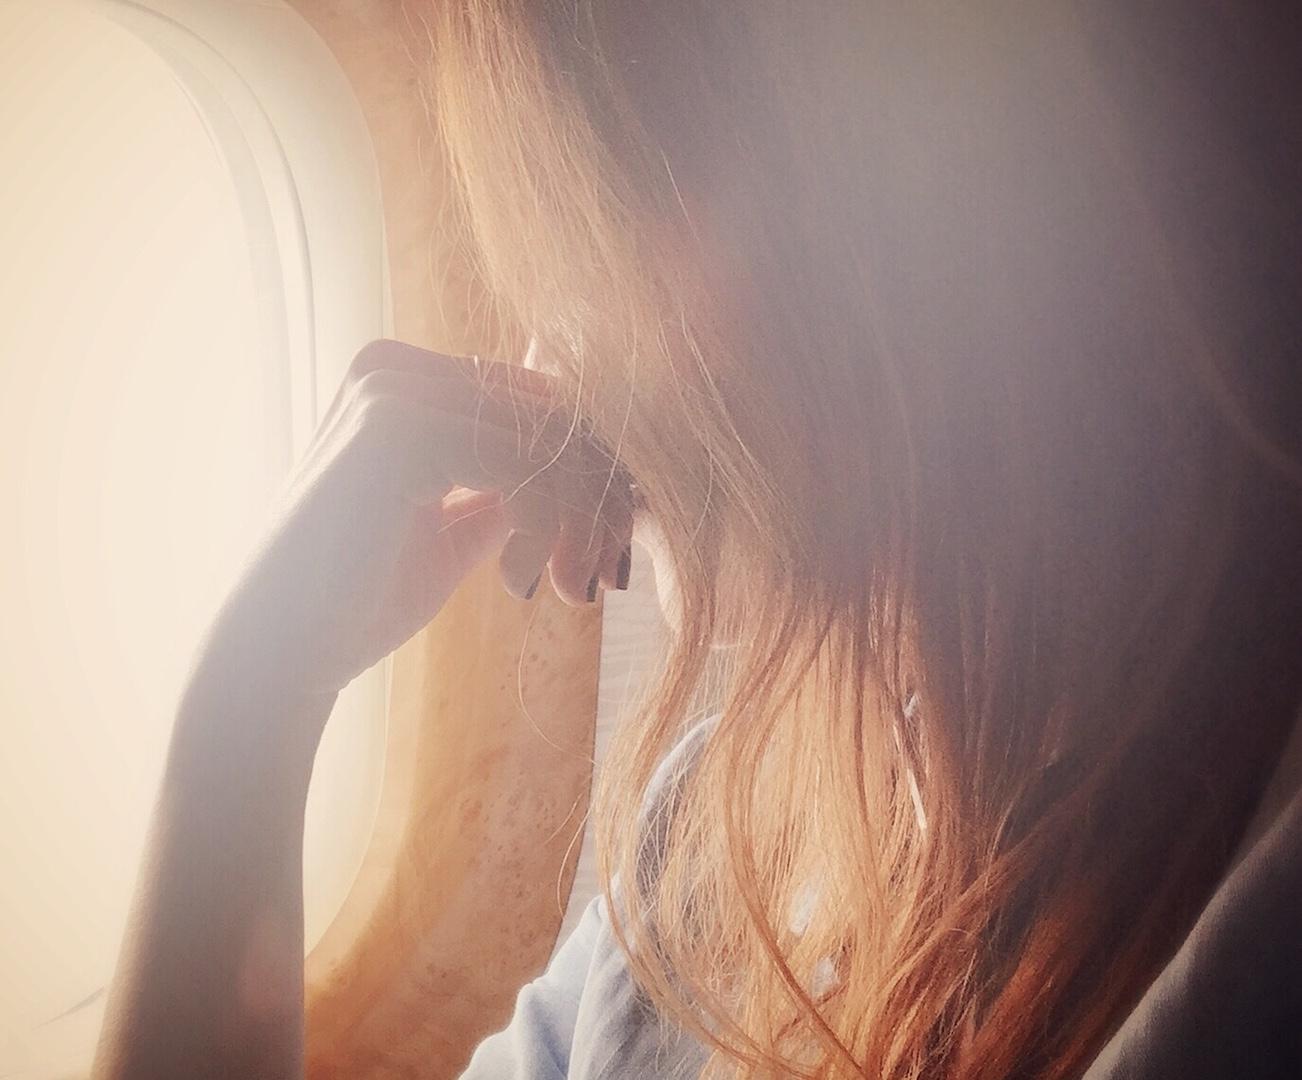 Klatschen im Flugzeug - Peinlich Anna Annaway Reisen Luxusreisen Reiseblogger Travelblog 6